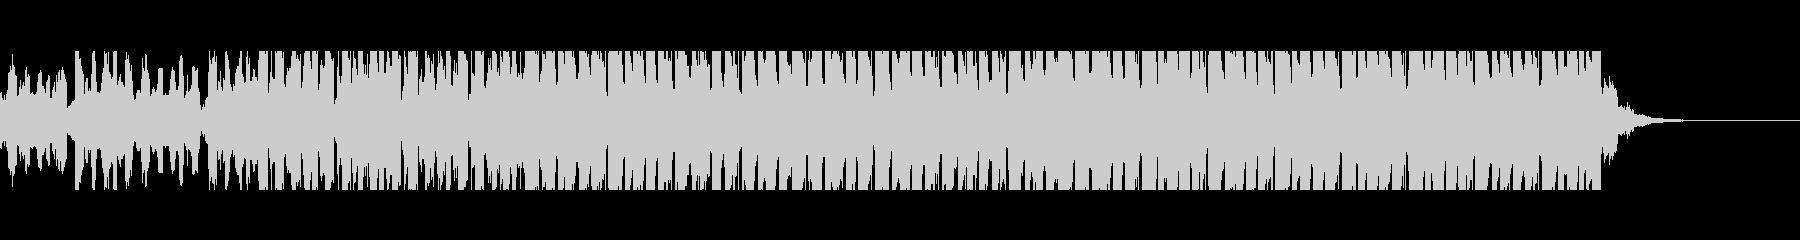 アラビアの夢(60秒)の未再生の波形